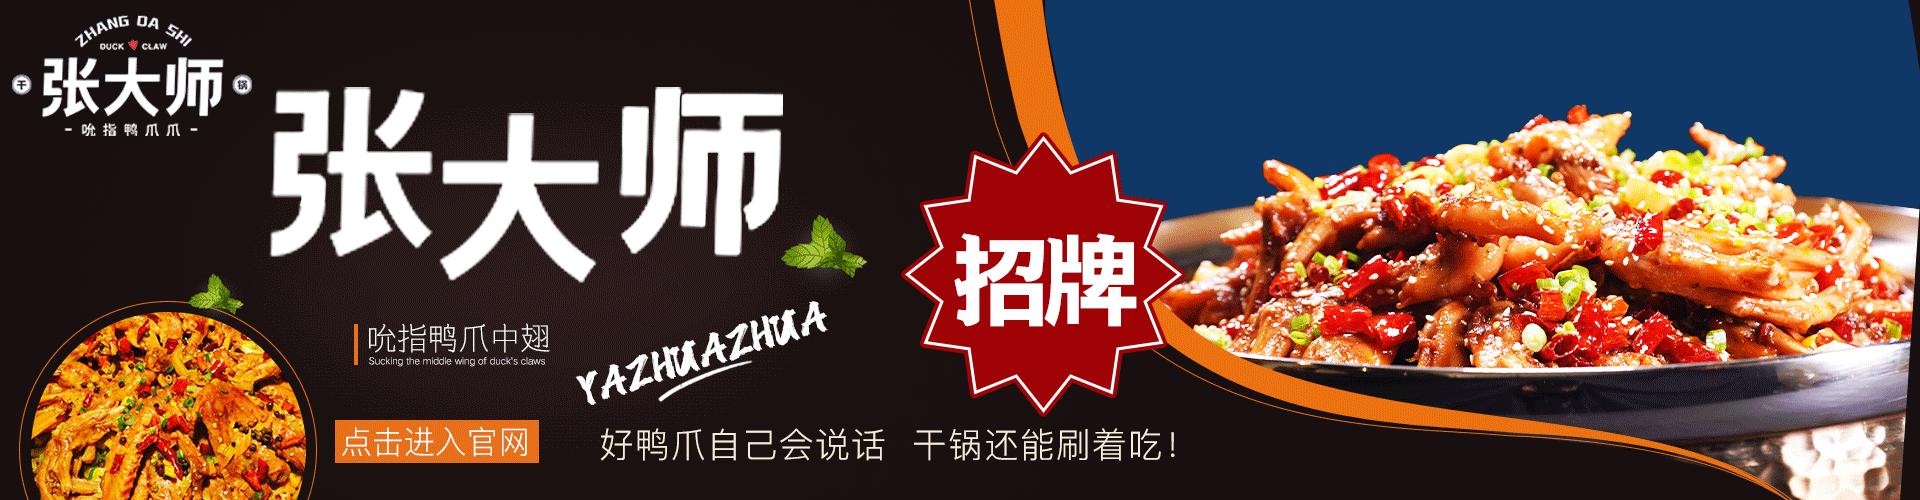 河南餐饮加盟加盟项目,做餐饮加盟连锁-视听网